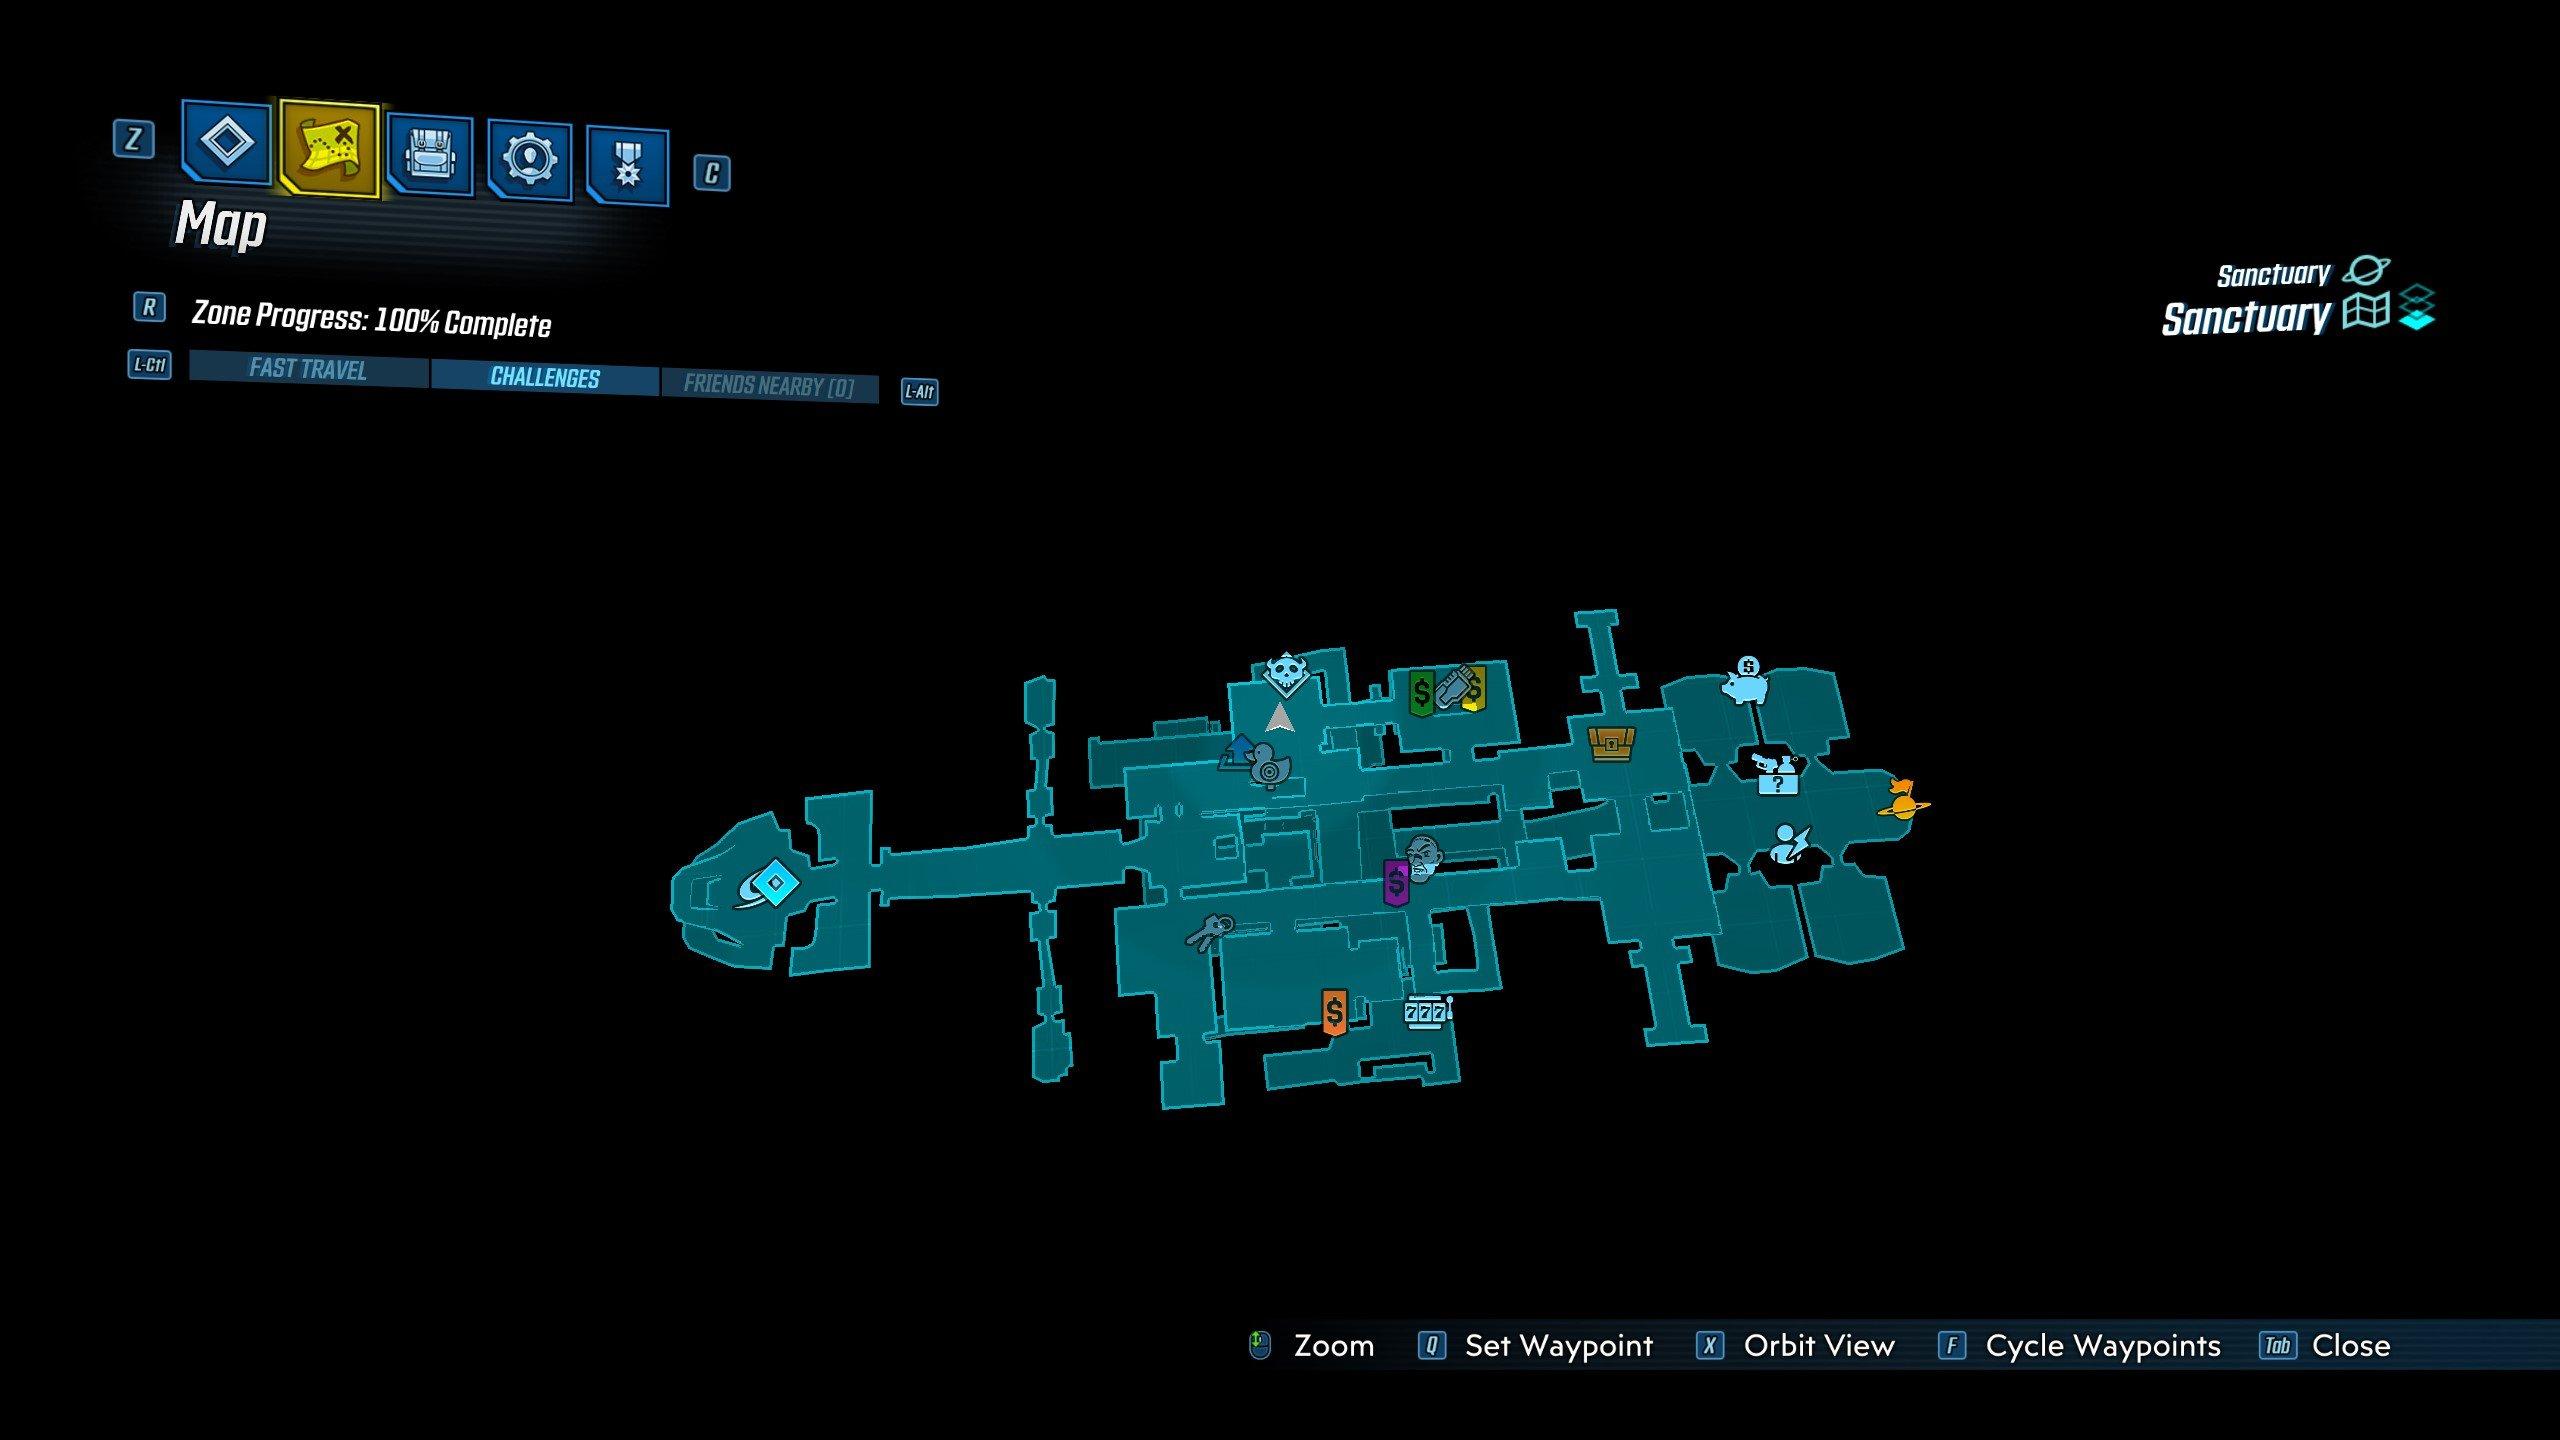 Borderlands 3 - Mayhem Mode activator on map